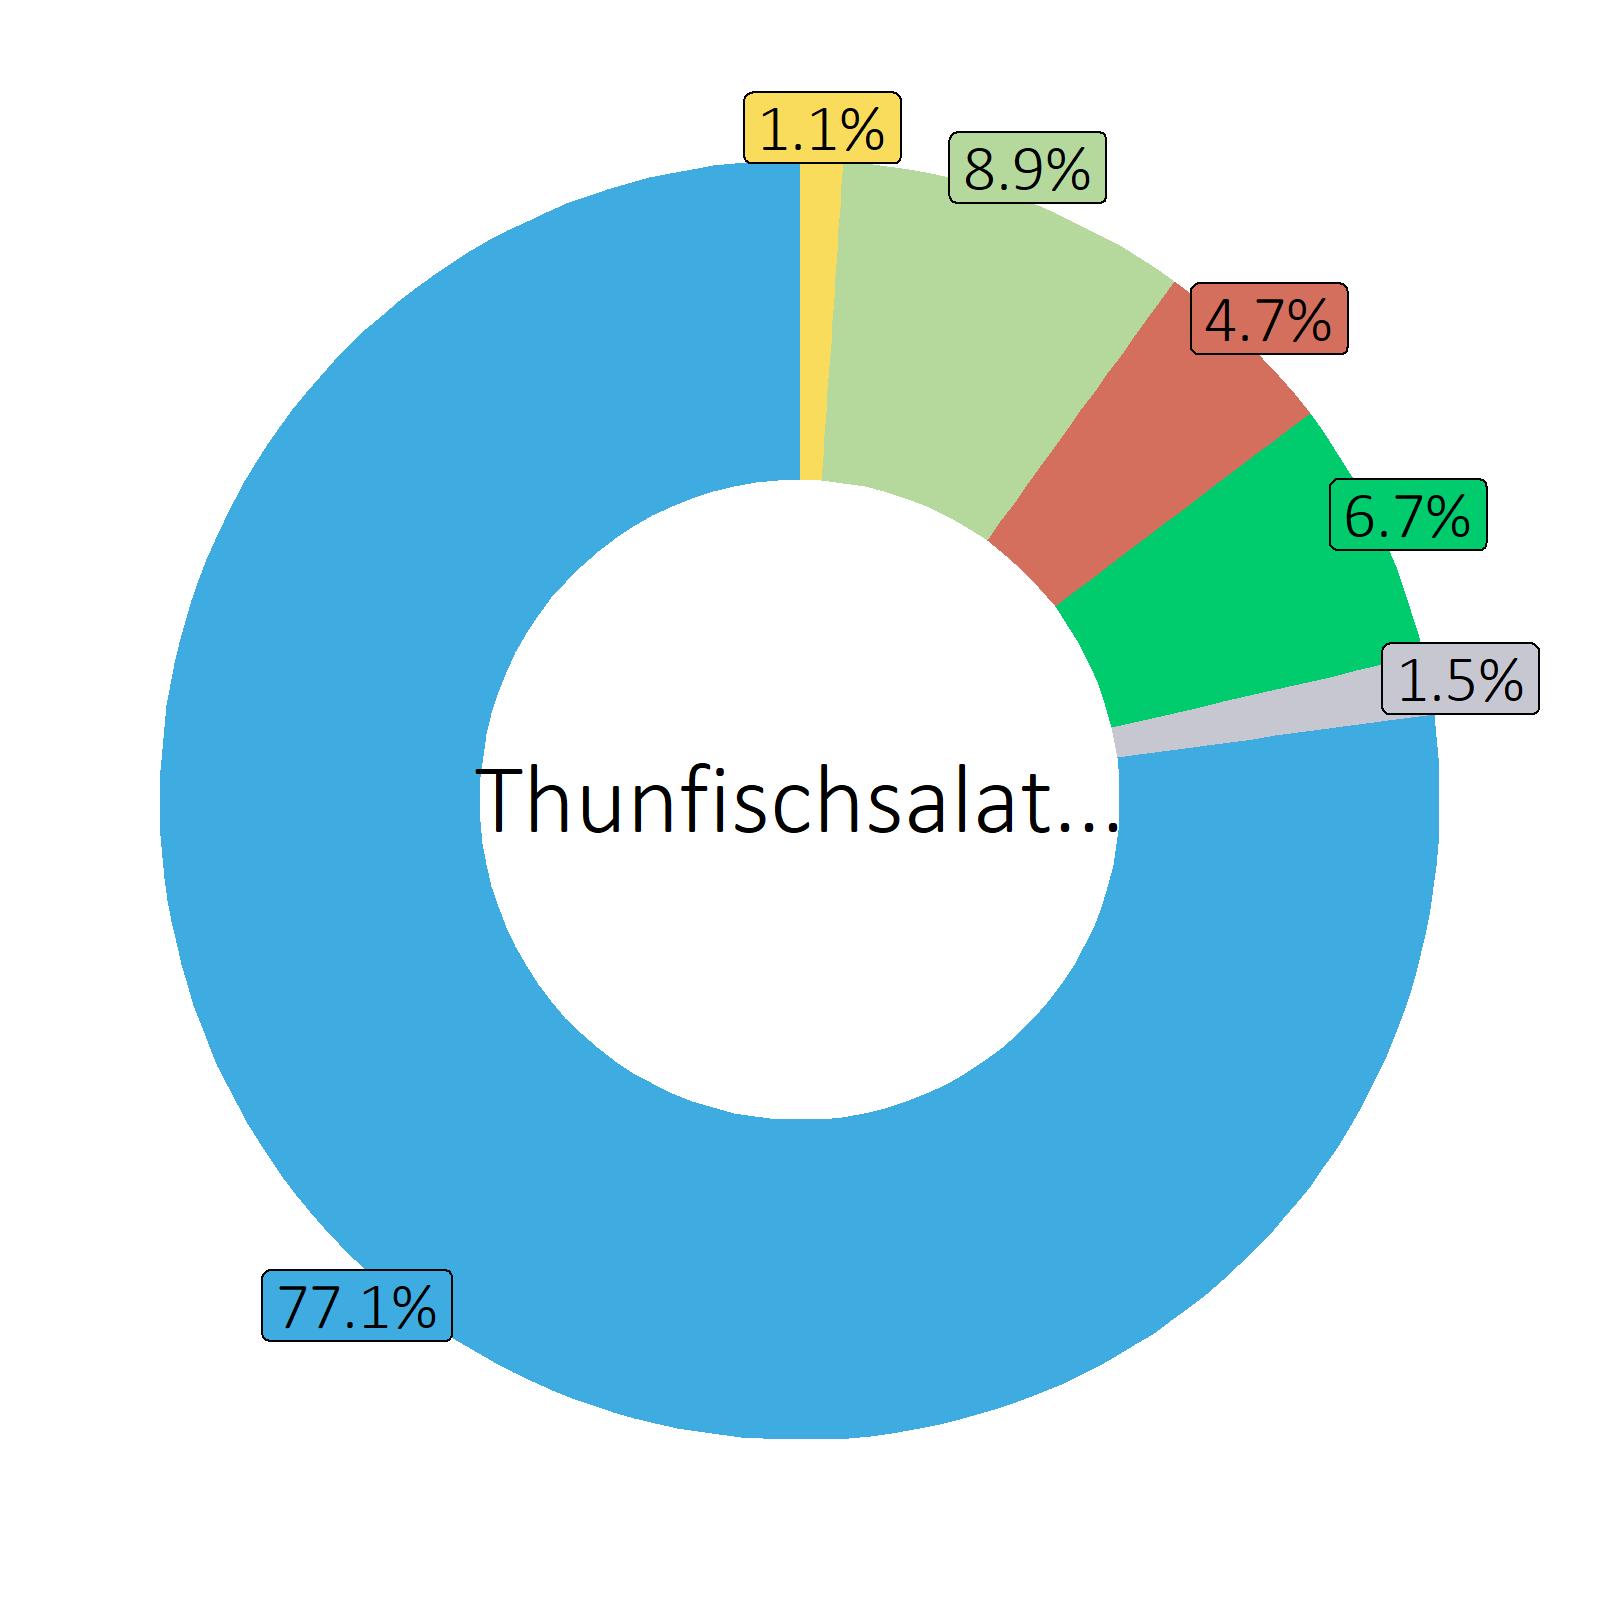 Bestandteile Thunfischsalat an Essig-Öl-Sauce (aus Thunfisch im Wasser)